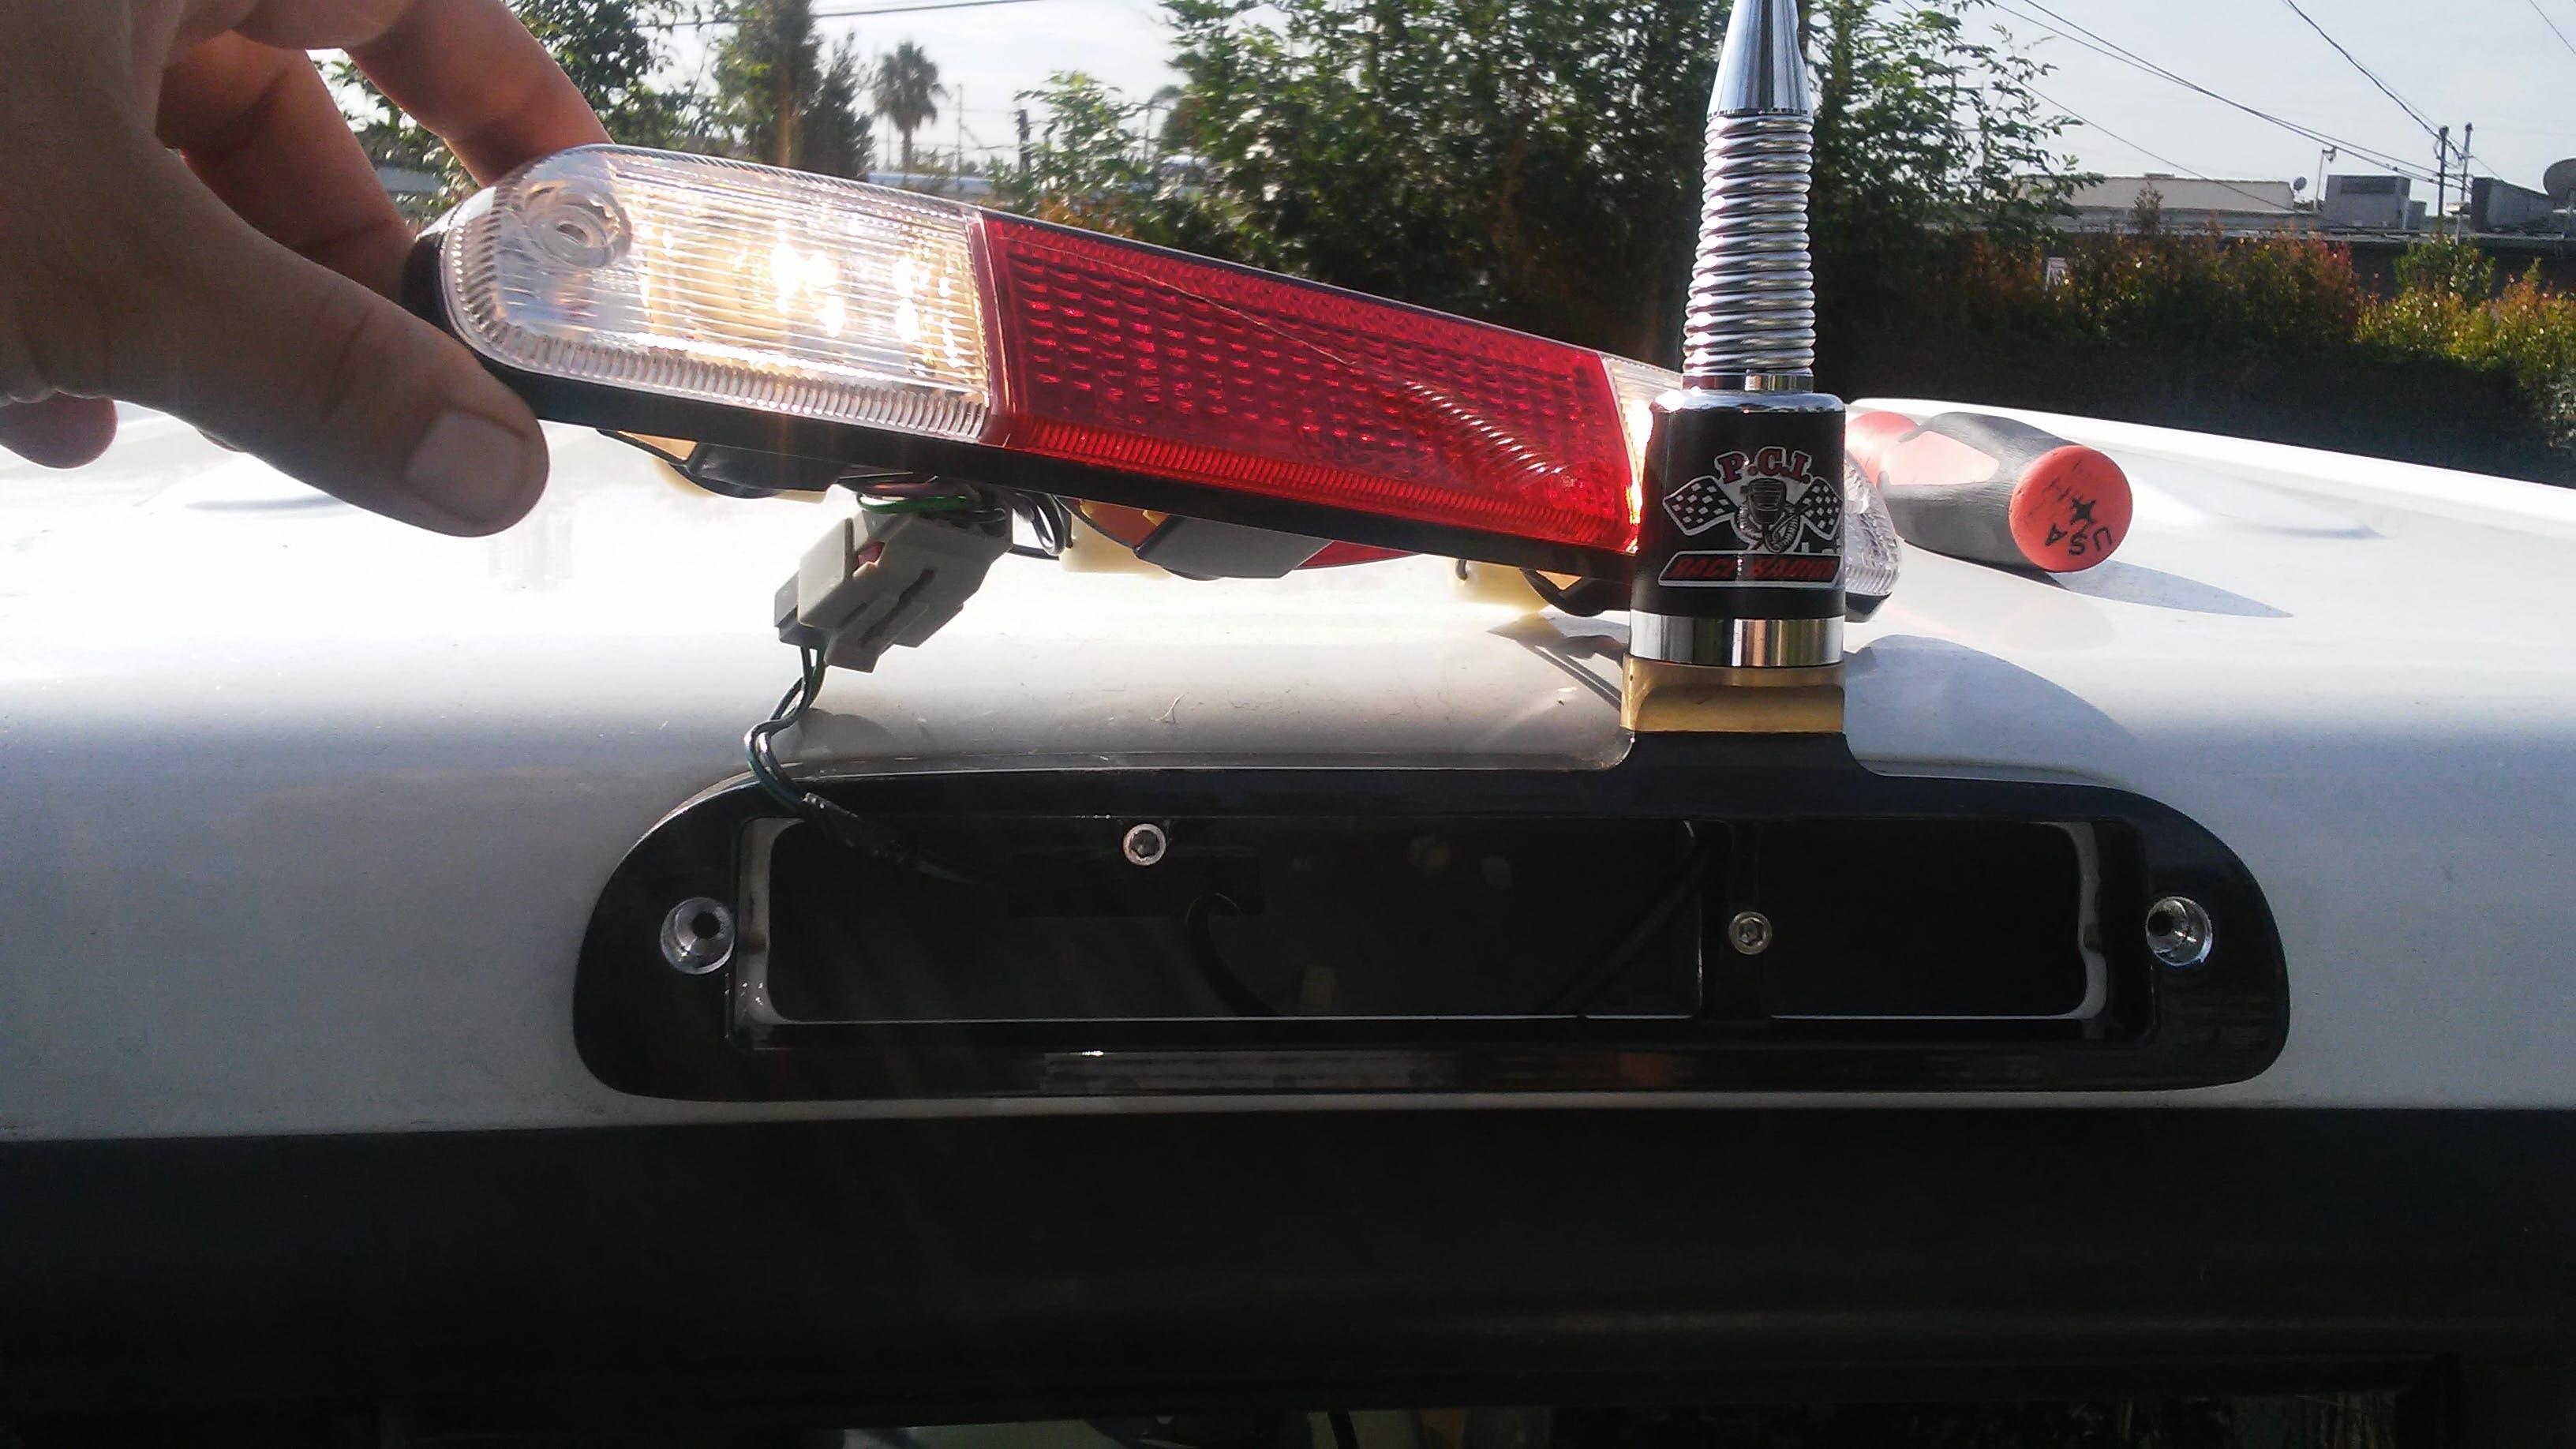 Brake Light Antenna Mount Pci Race Radios Gmc Third Wiring User Picture